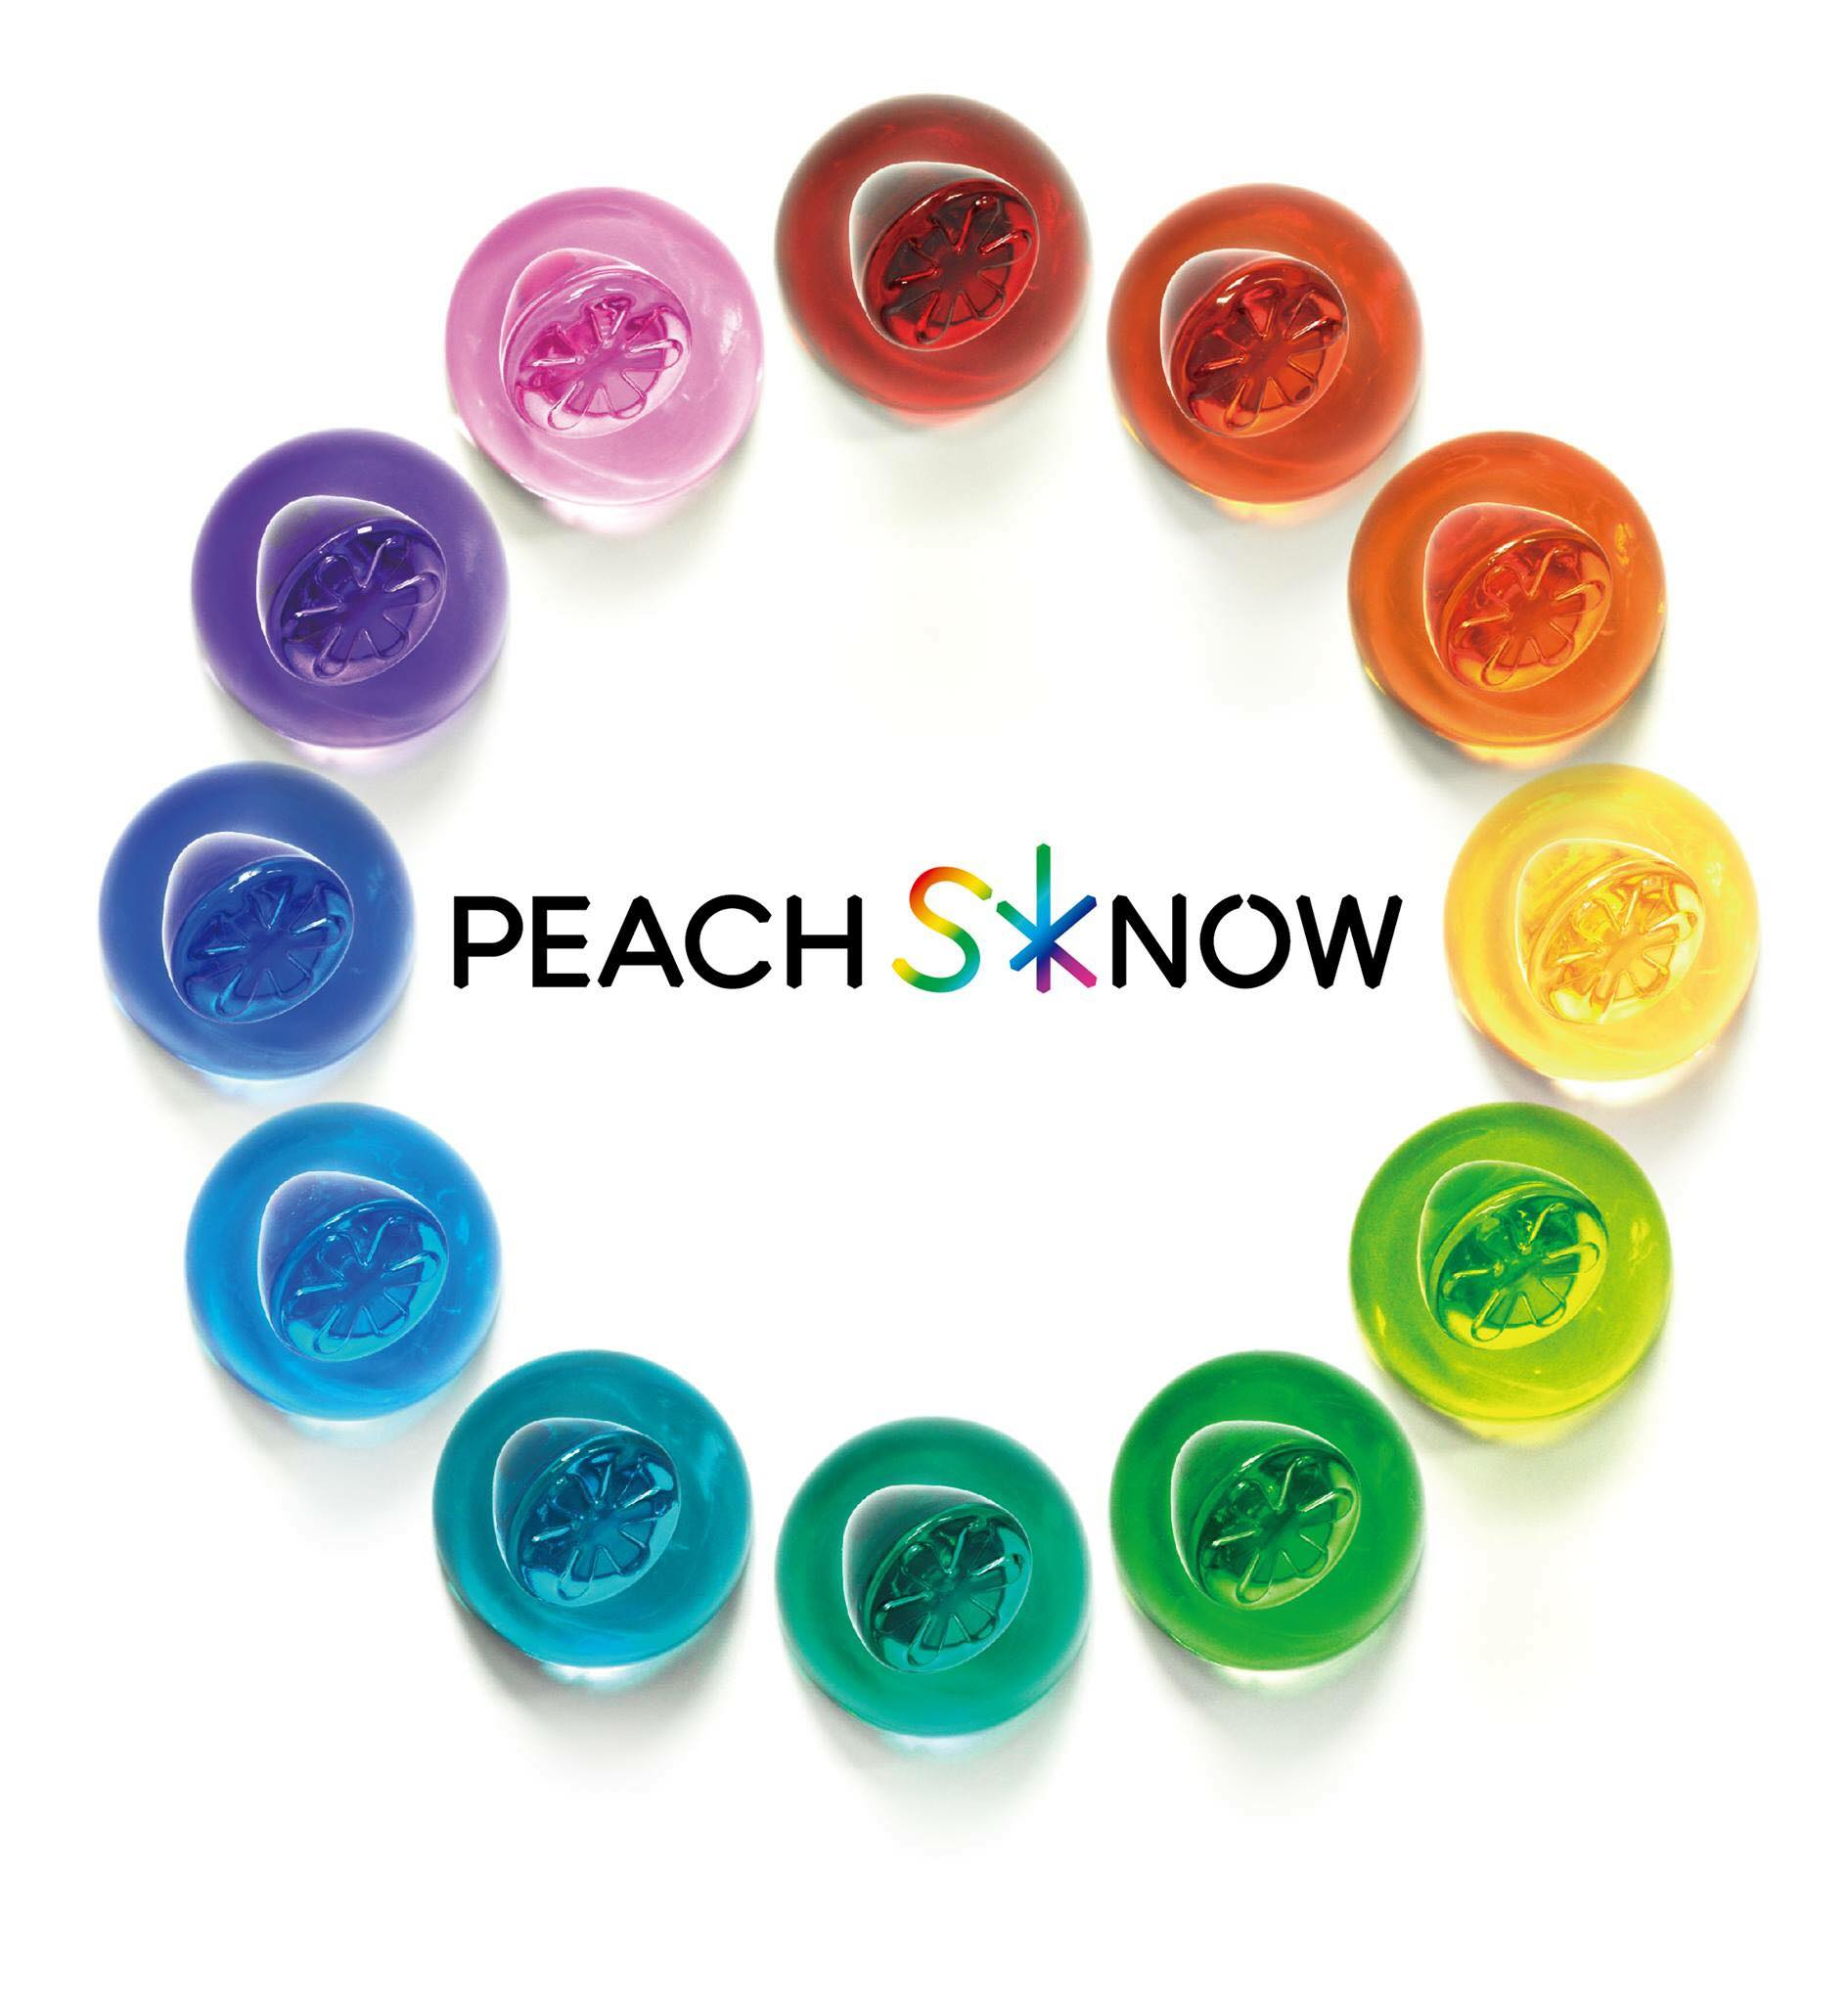 PEACH SKNOW ロゴ画像